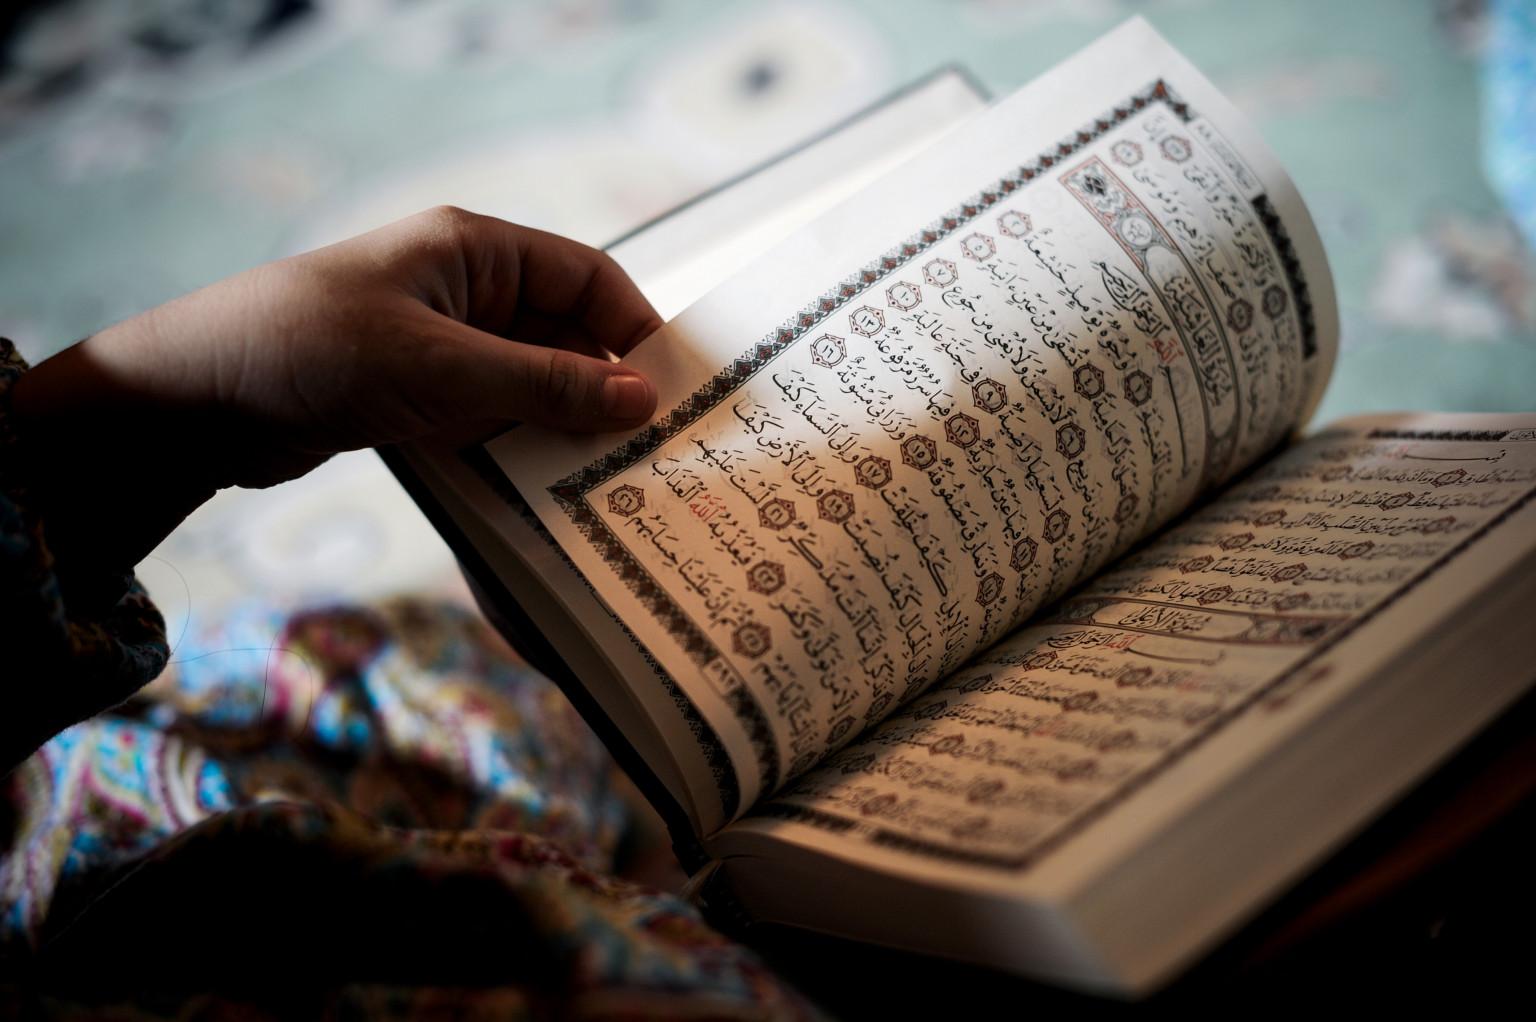 Yang Terbiasa Membaca Surat Ini Saat Malam Hari Maka Allah